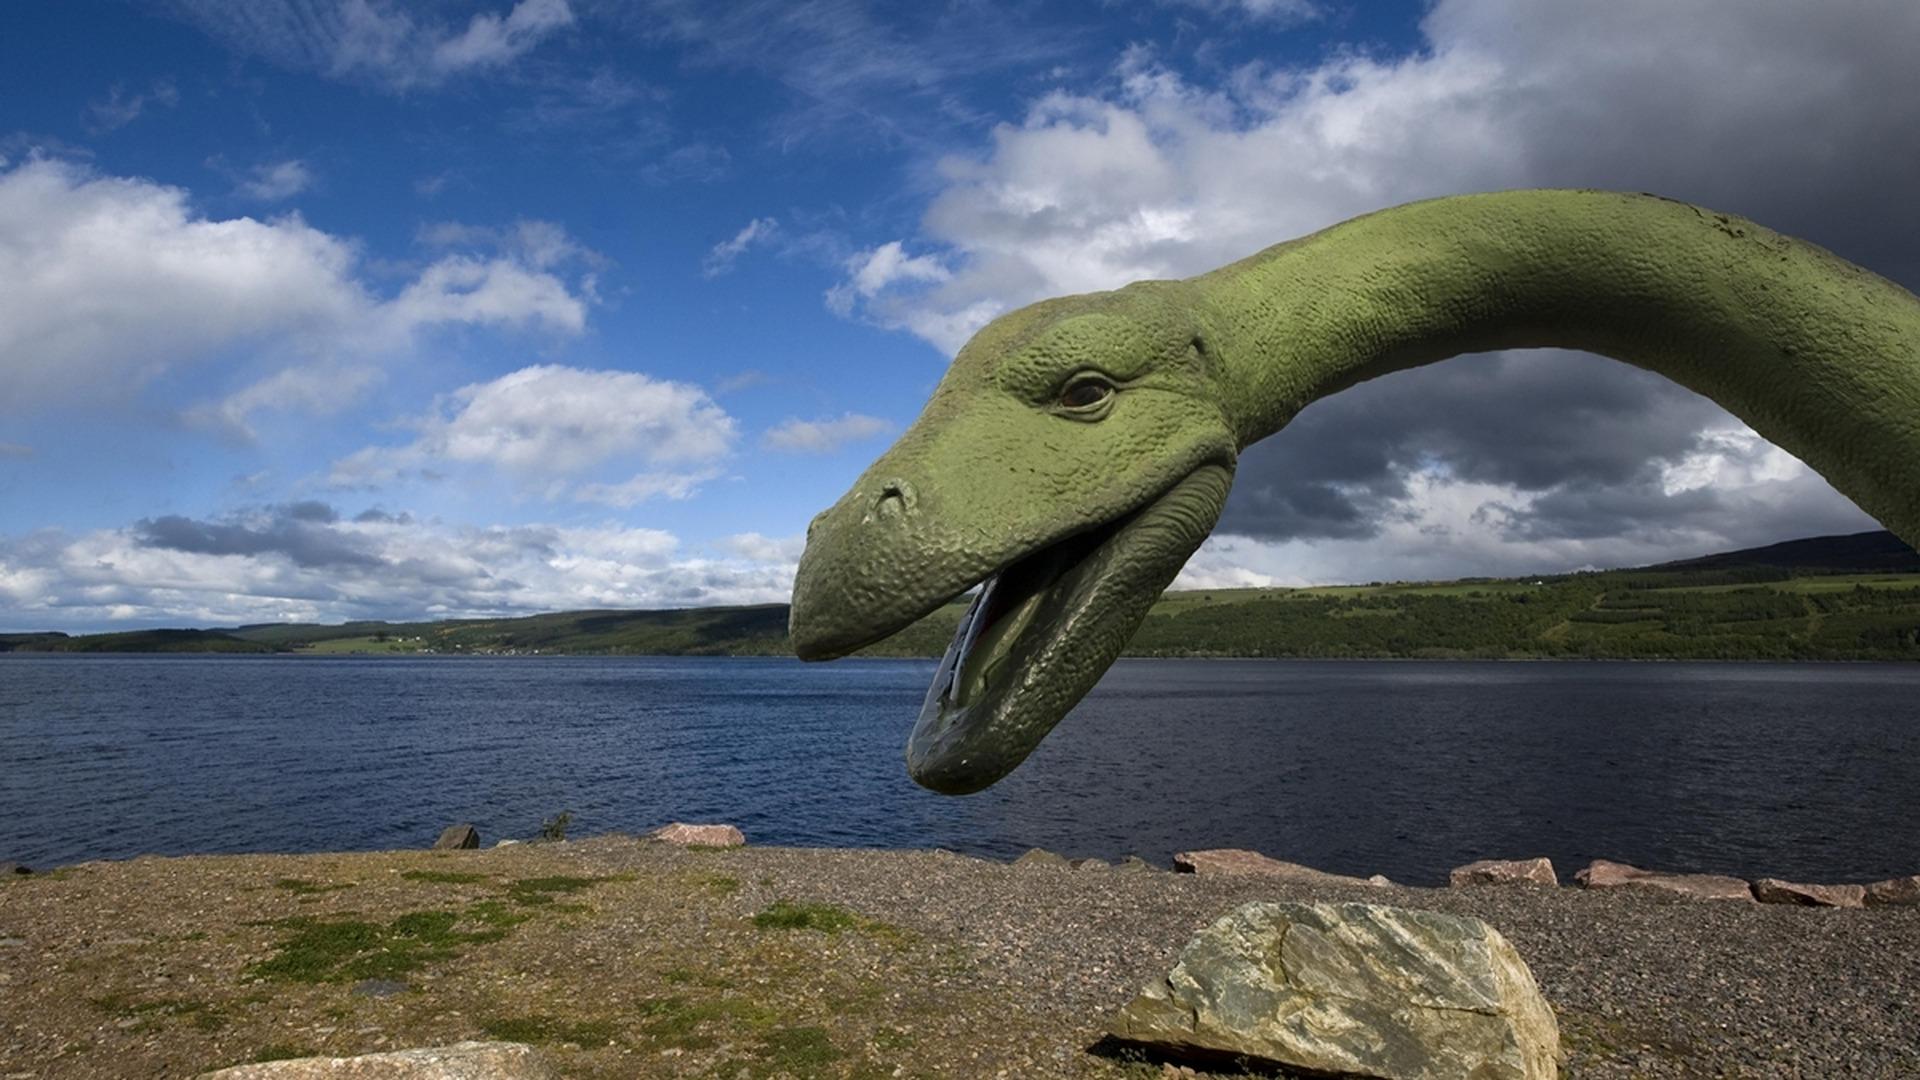 Лох-Несским чудовищем в Шотландии мог быть гигантский угорь